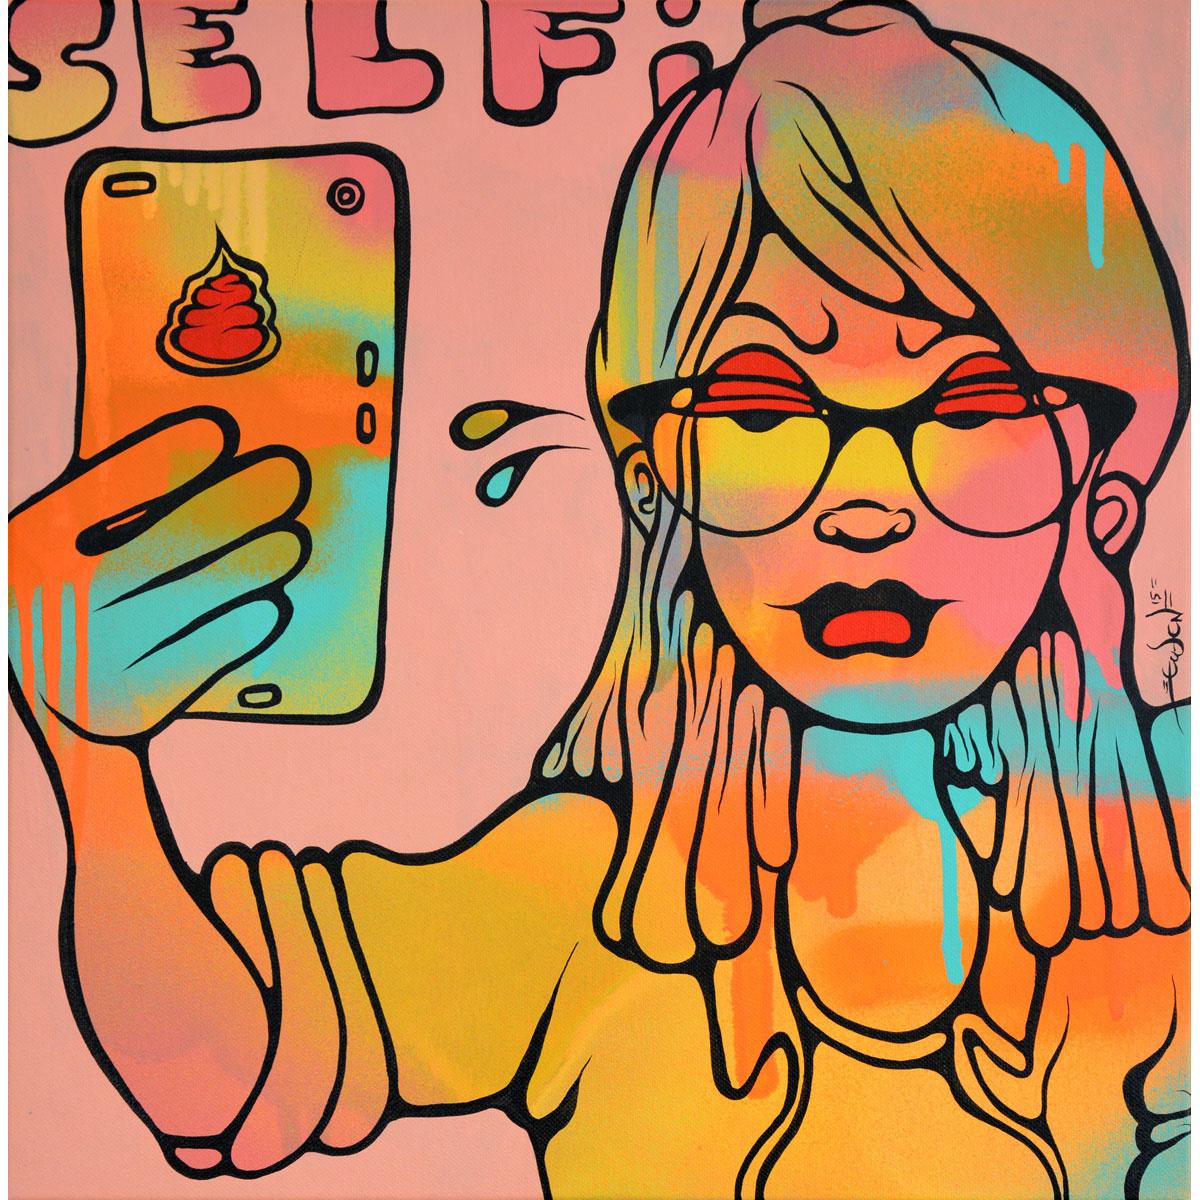 Selfie-ish 2 von Ewen Gur